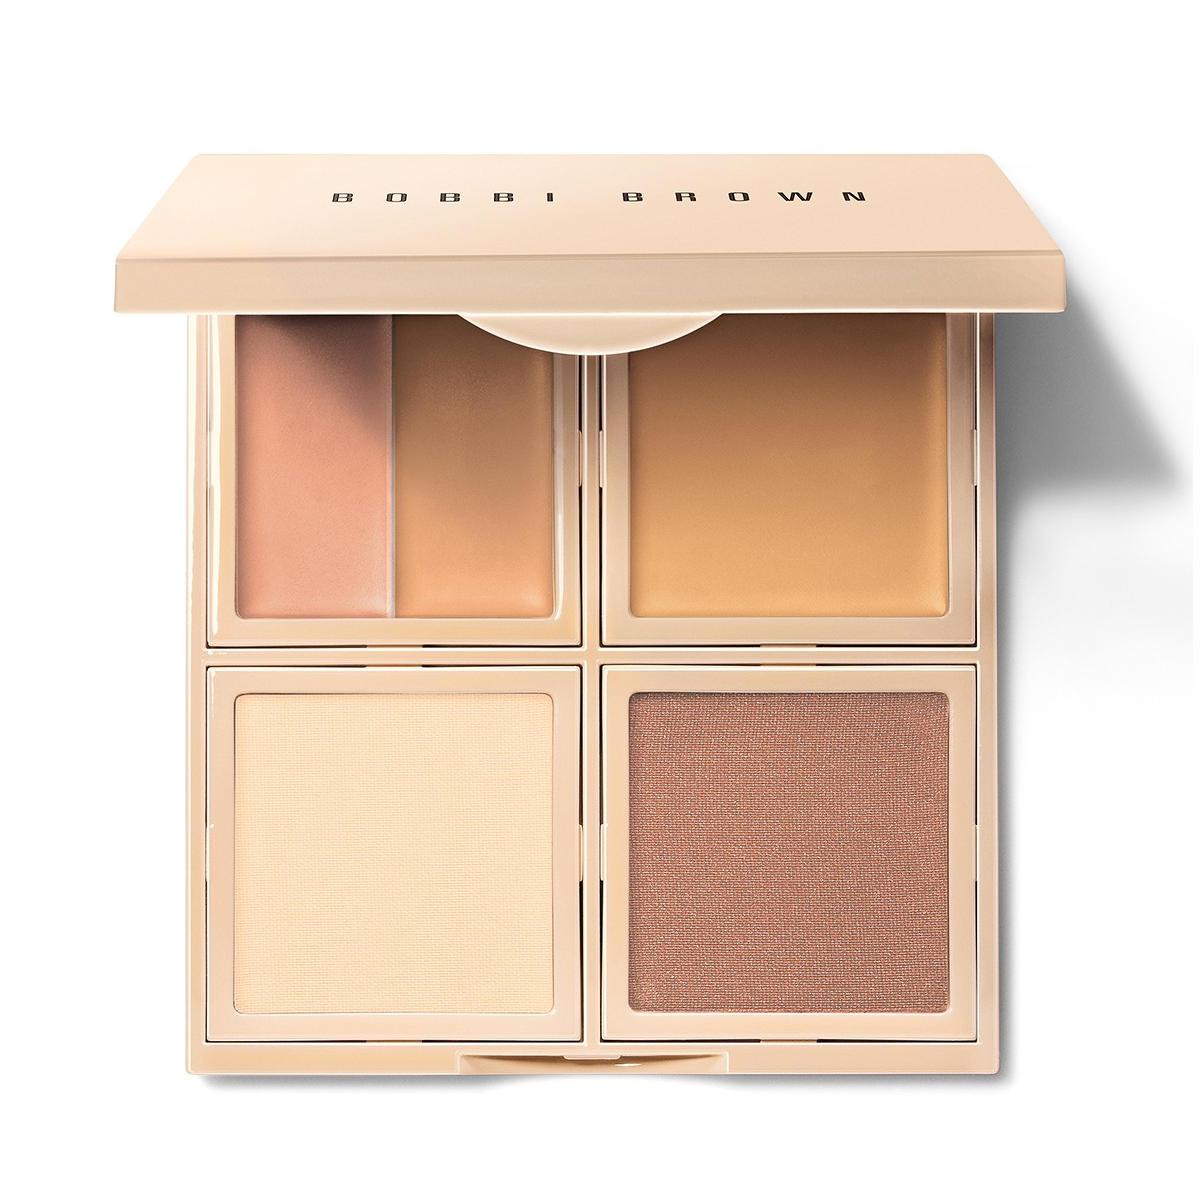 Bobbi Brown Essential 5-In-1 Face Palette Warm Beige